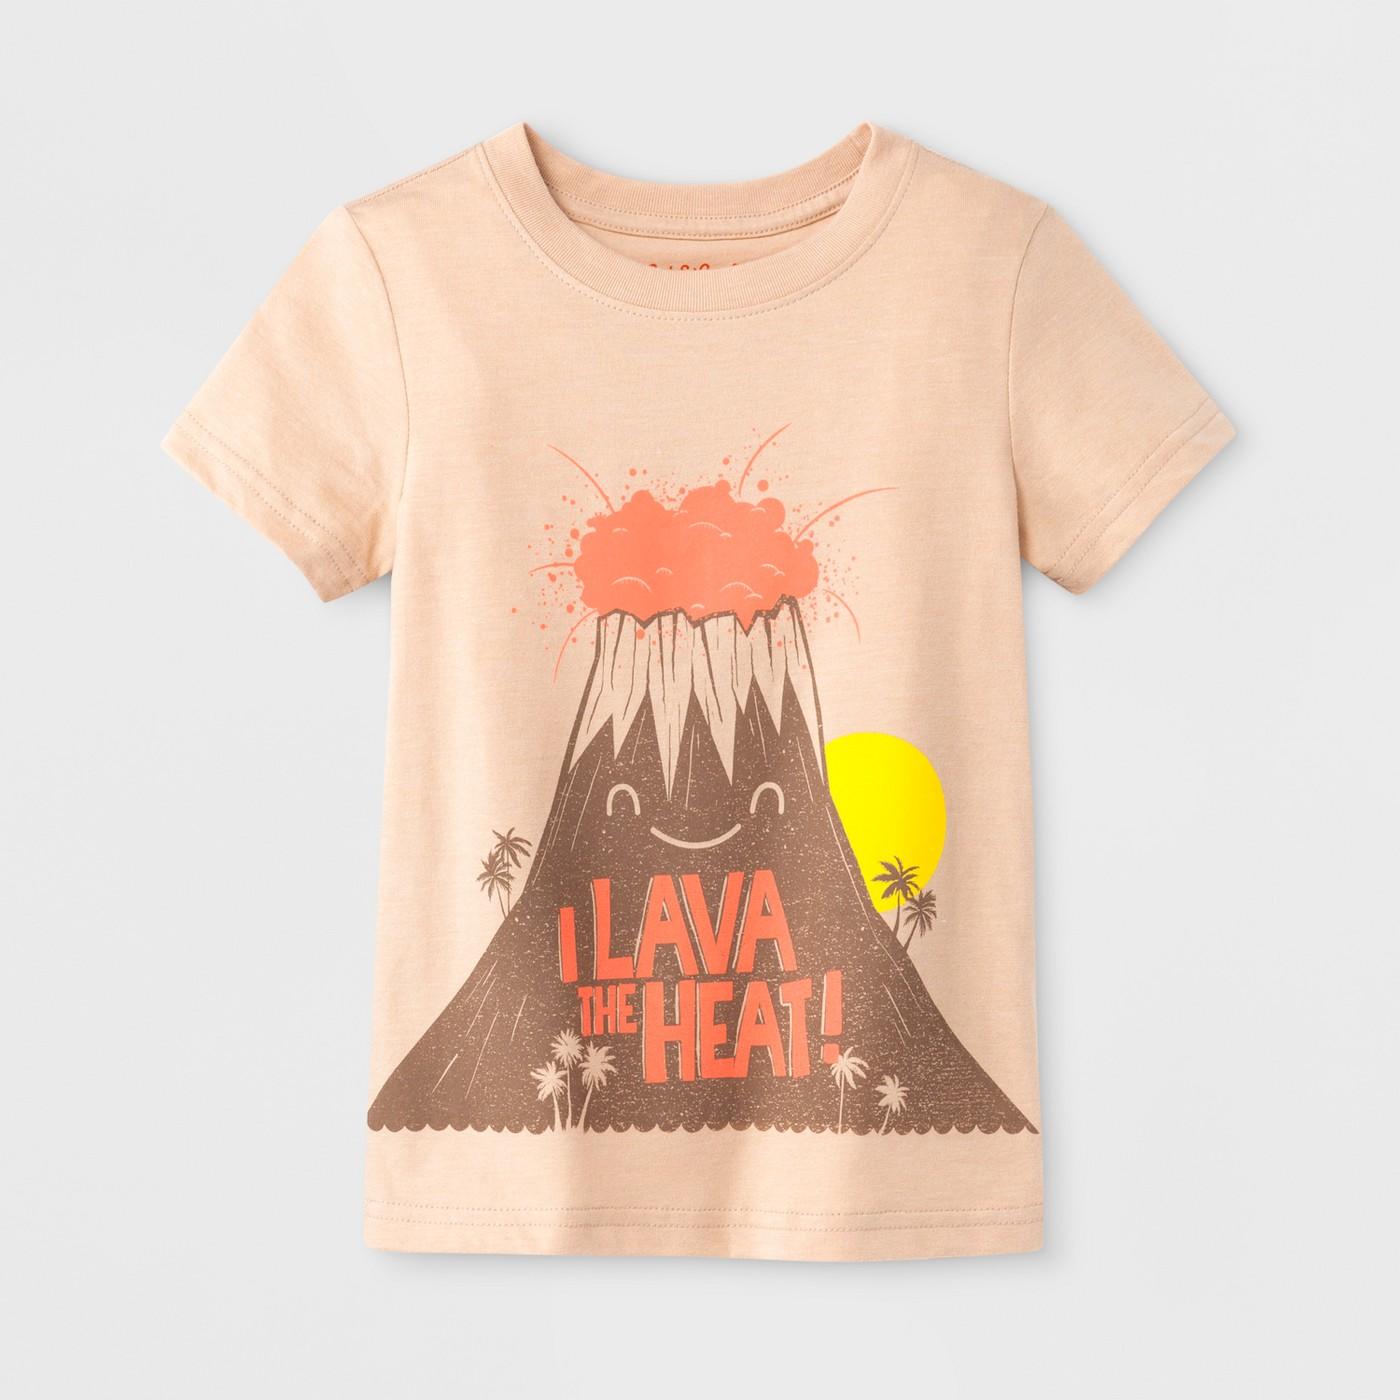 I LAVA T-shirt